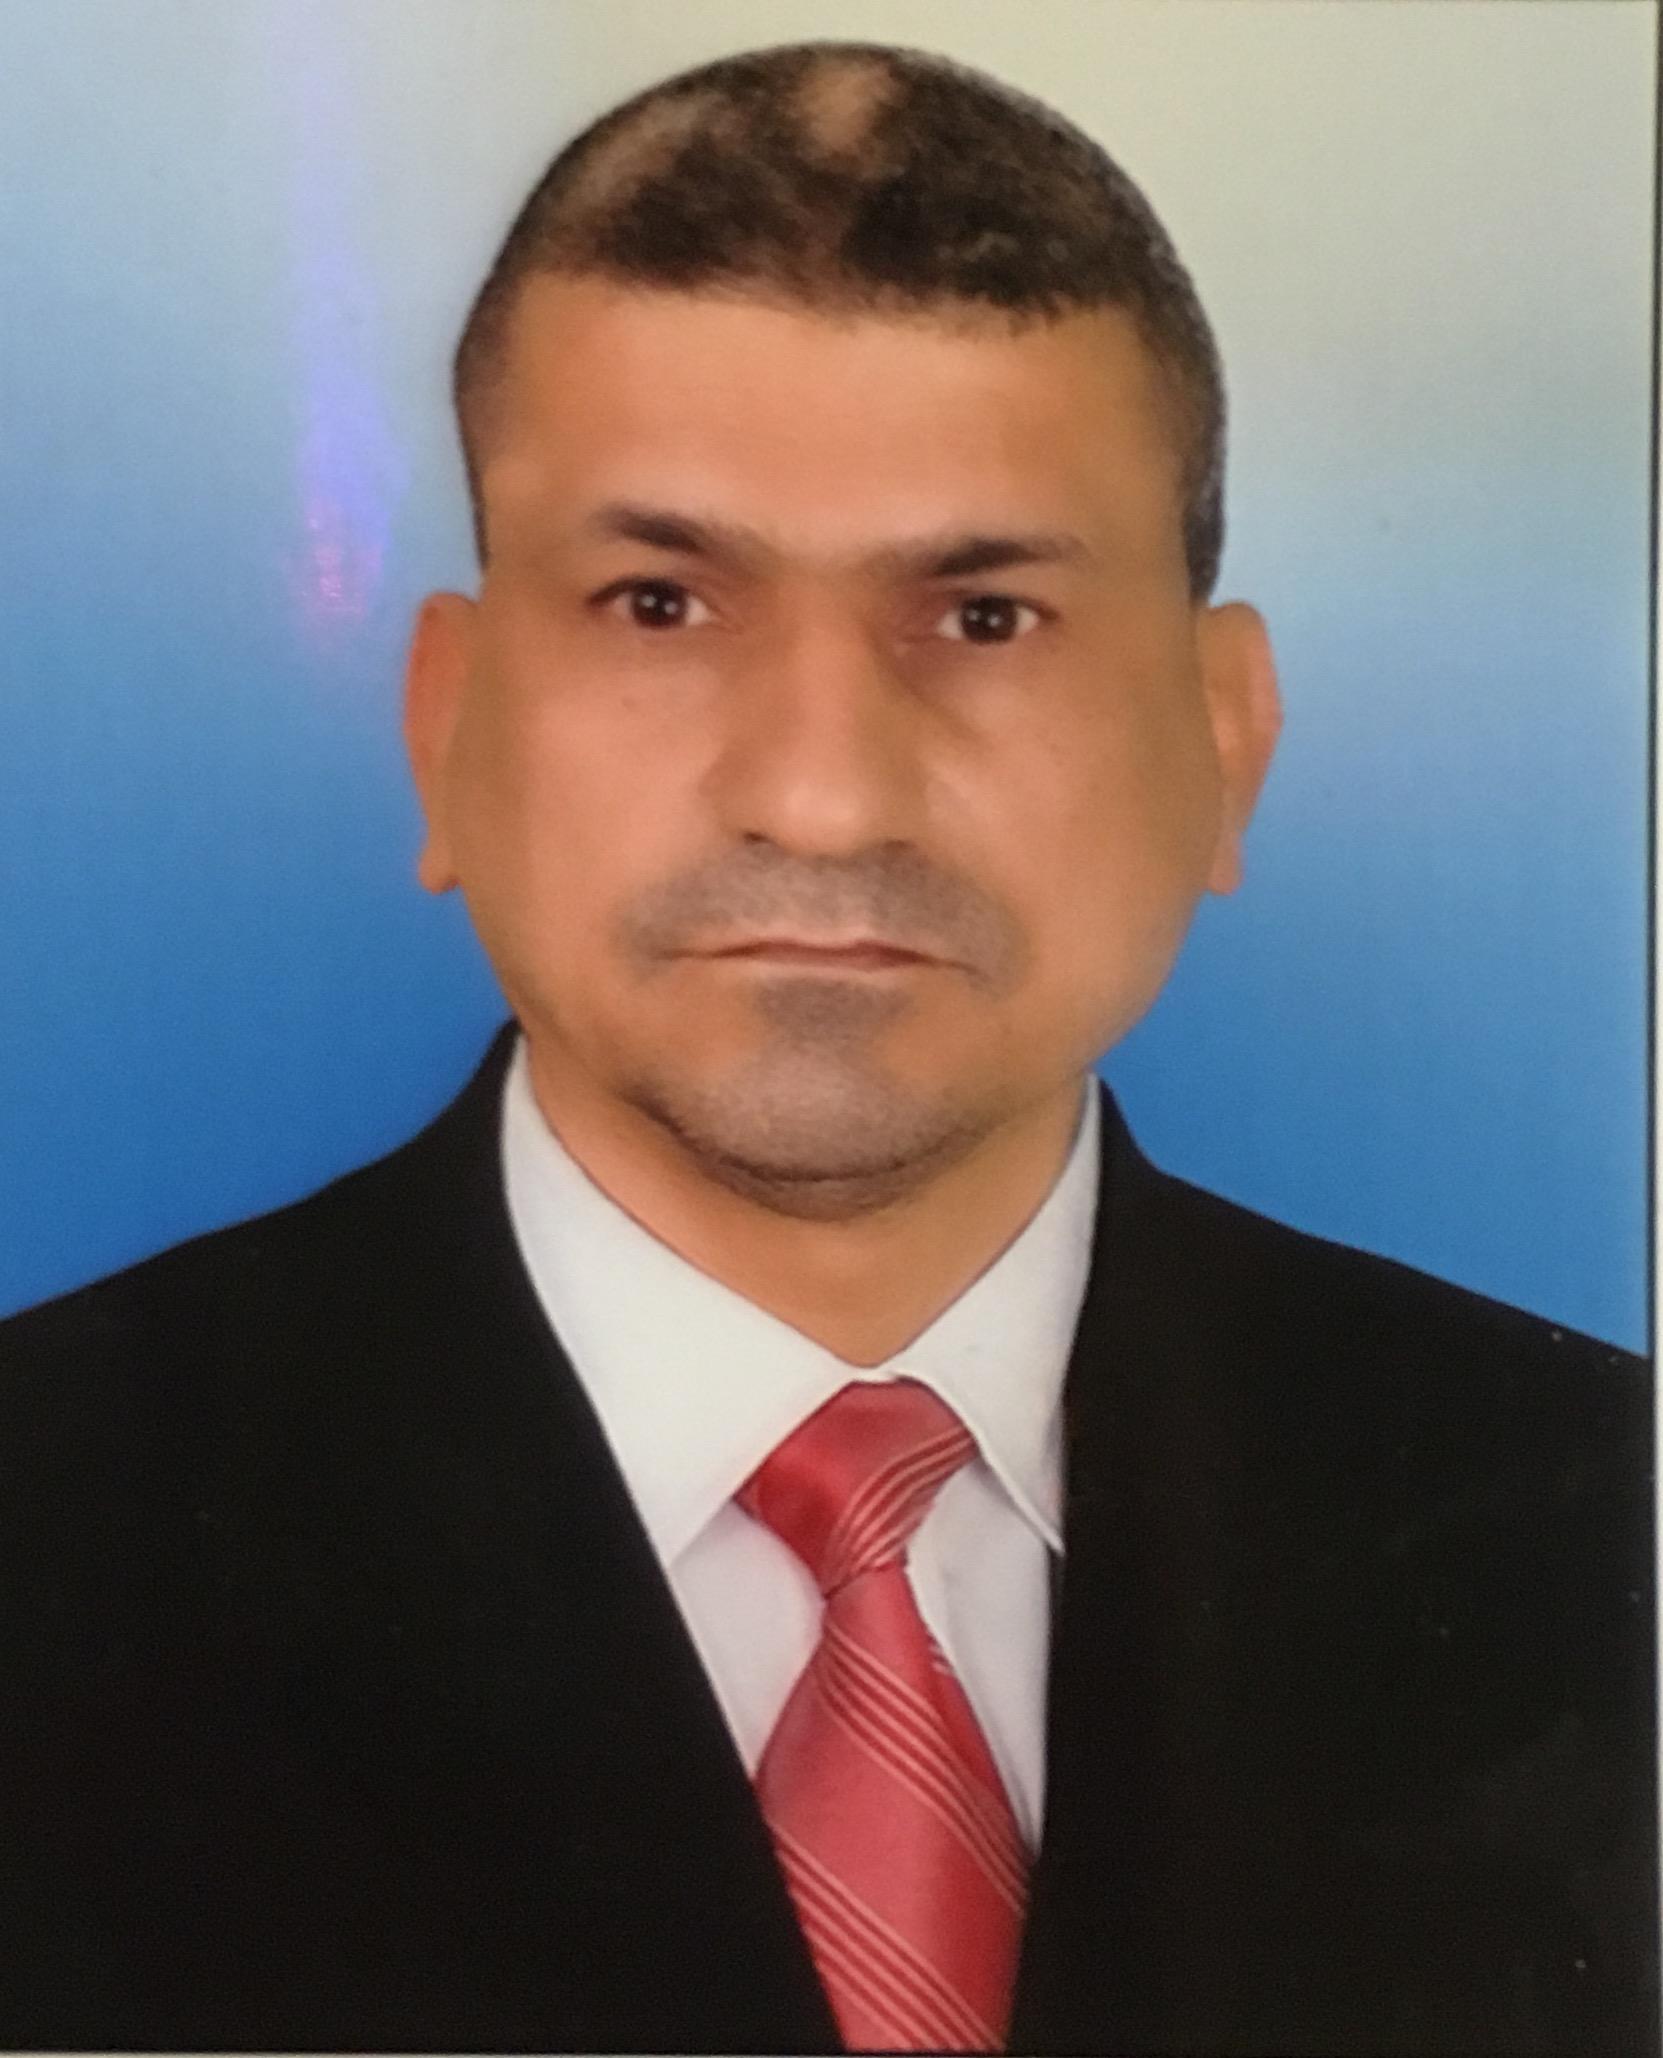 Kadhim Hassan Younis